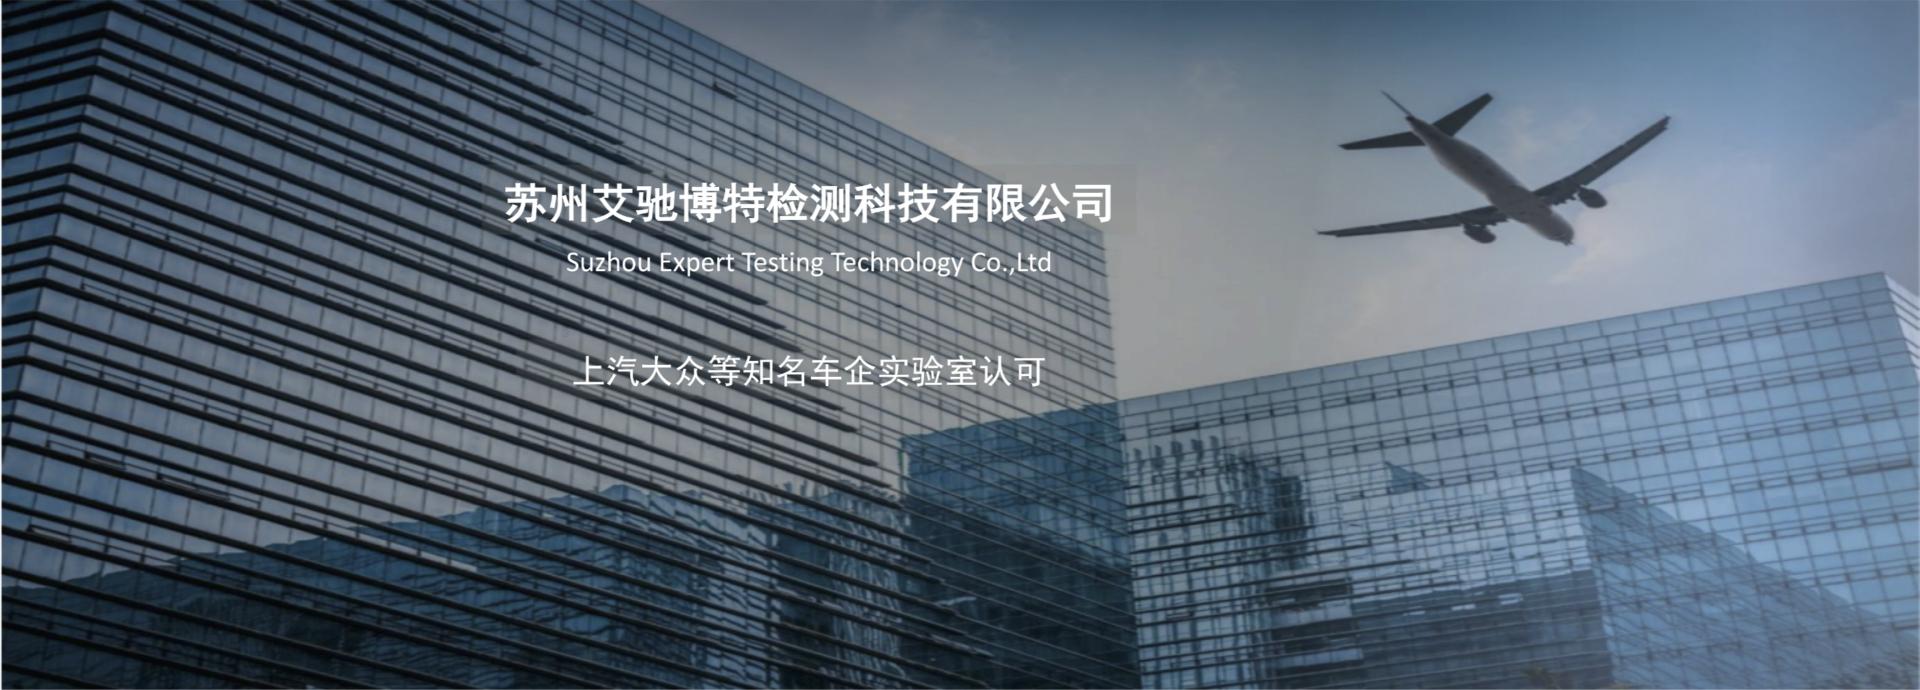 蘇州艾馳博特檢測科技有限公司